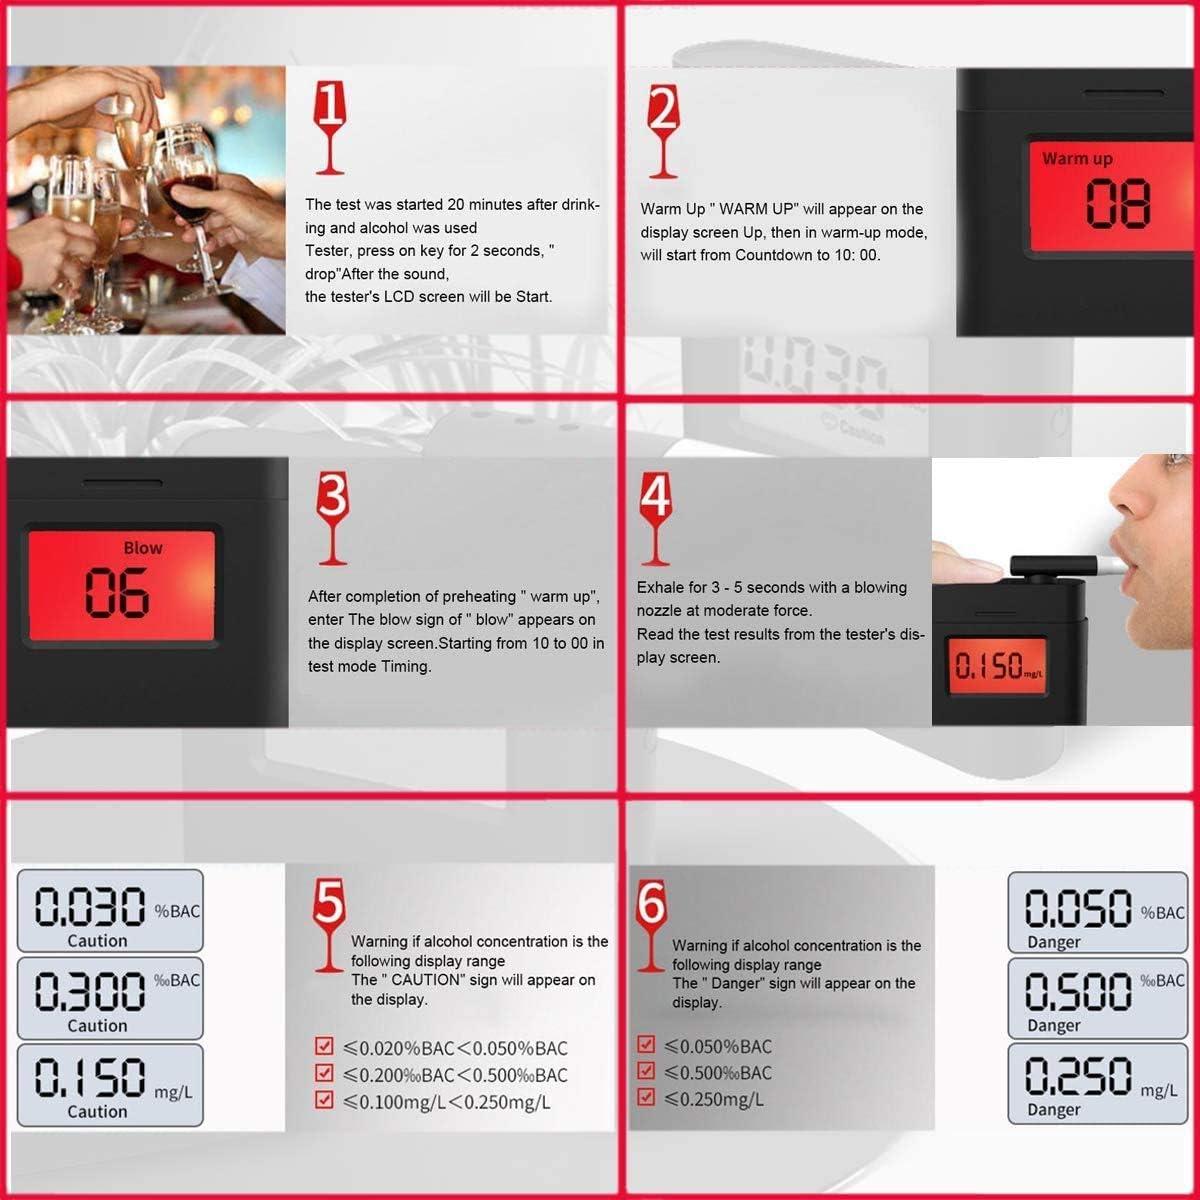 Micoo Professioneller Alkoholtester Tragbar Halbleiter Sensorik Digitaler Atemalkohol LCD Anzeige Promille-Tester Polizeigenau Schwarz